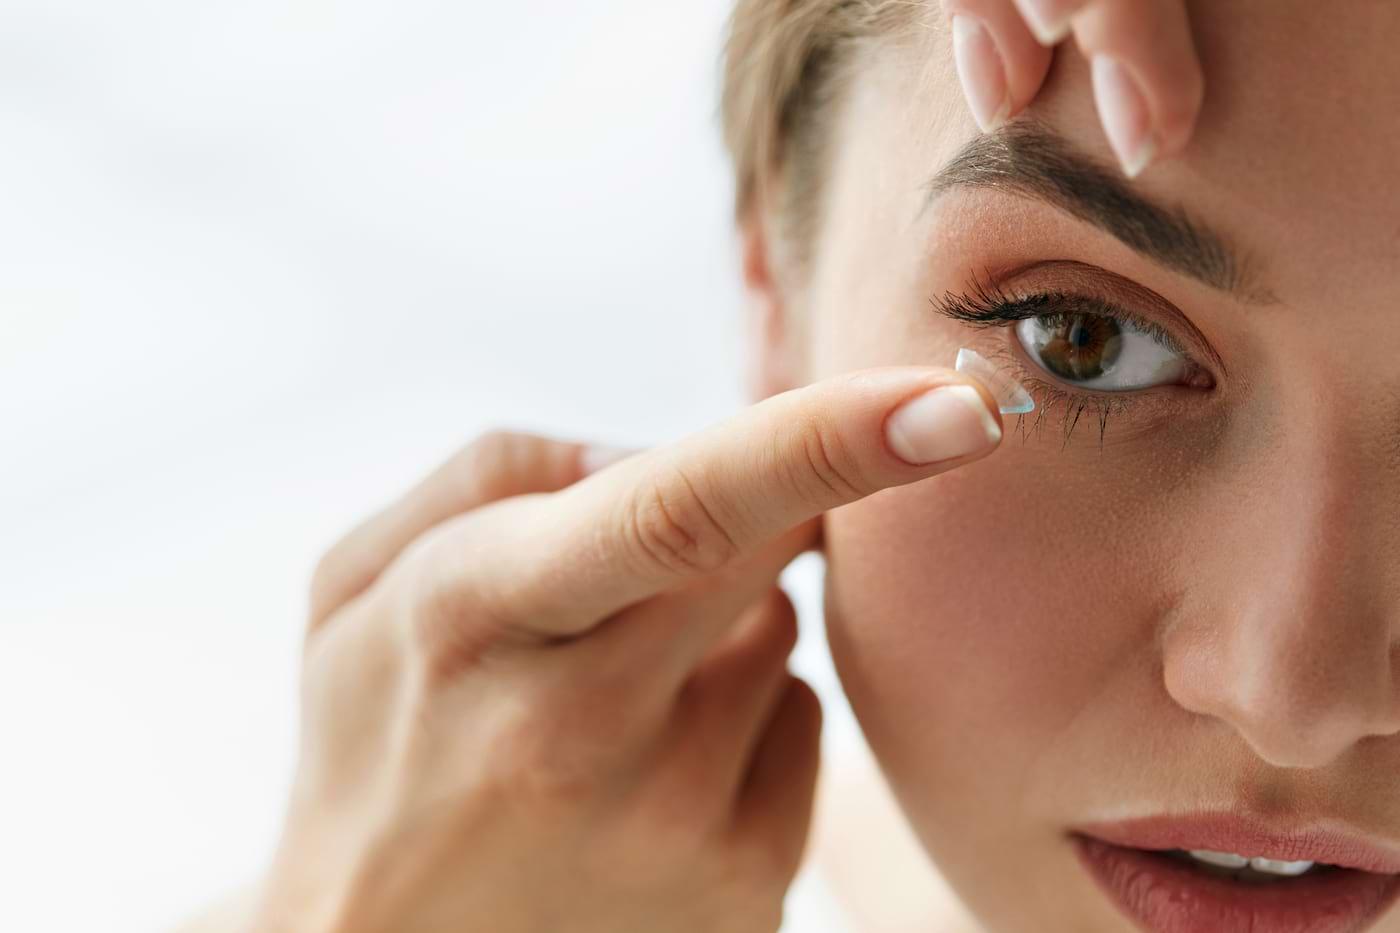 Cât de grav este este să faci duş sau să dormi cu lentile de contact?